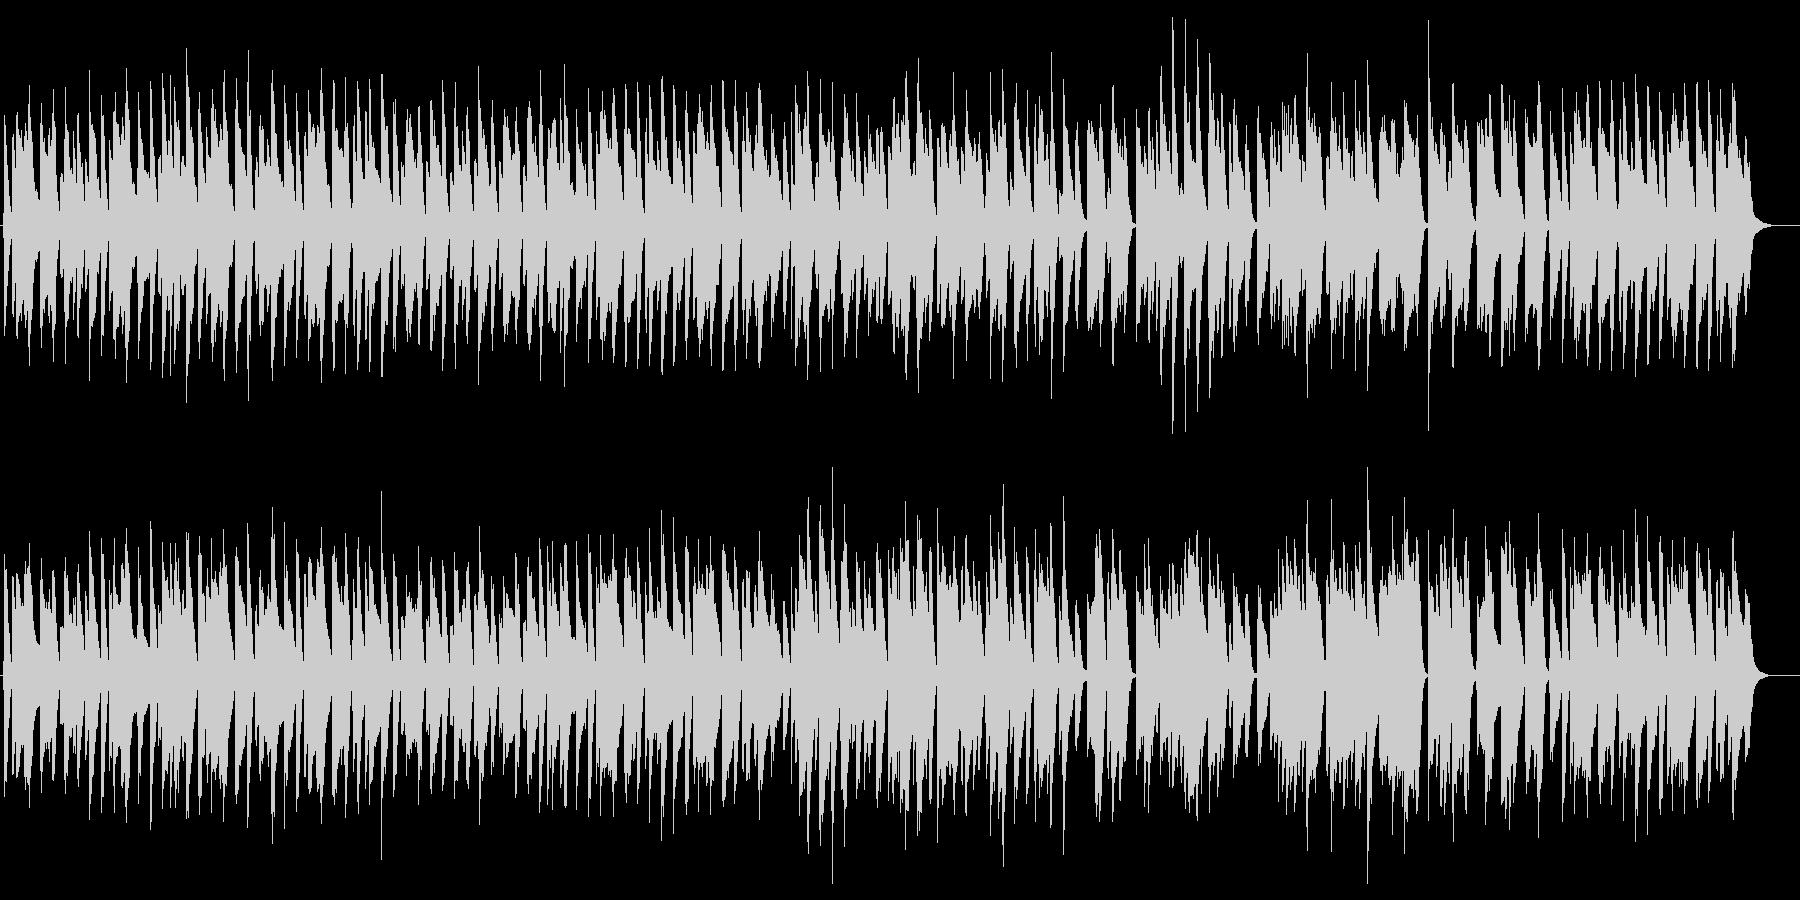 アドリブ感のある軽快で明るいピアノ曲の未再生の波形